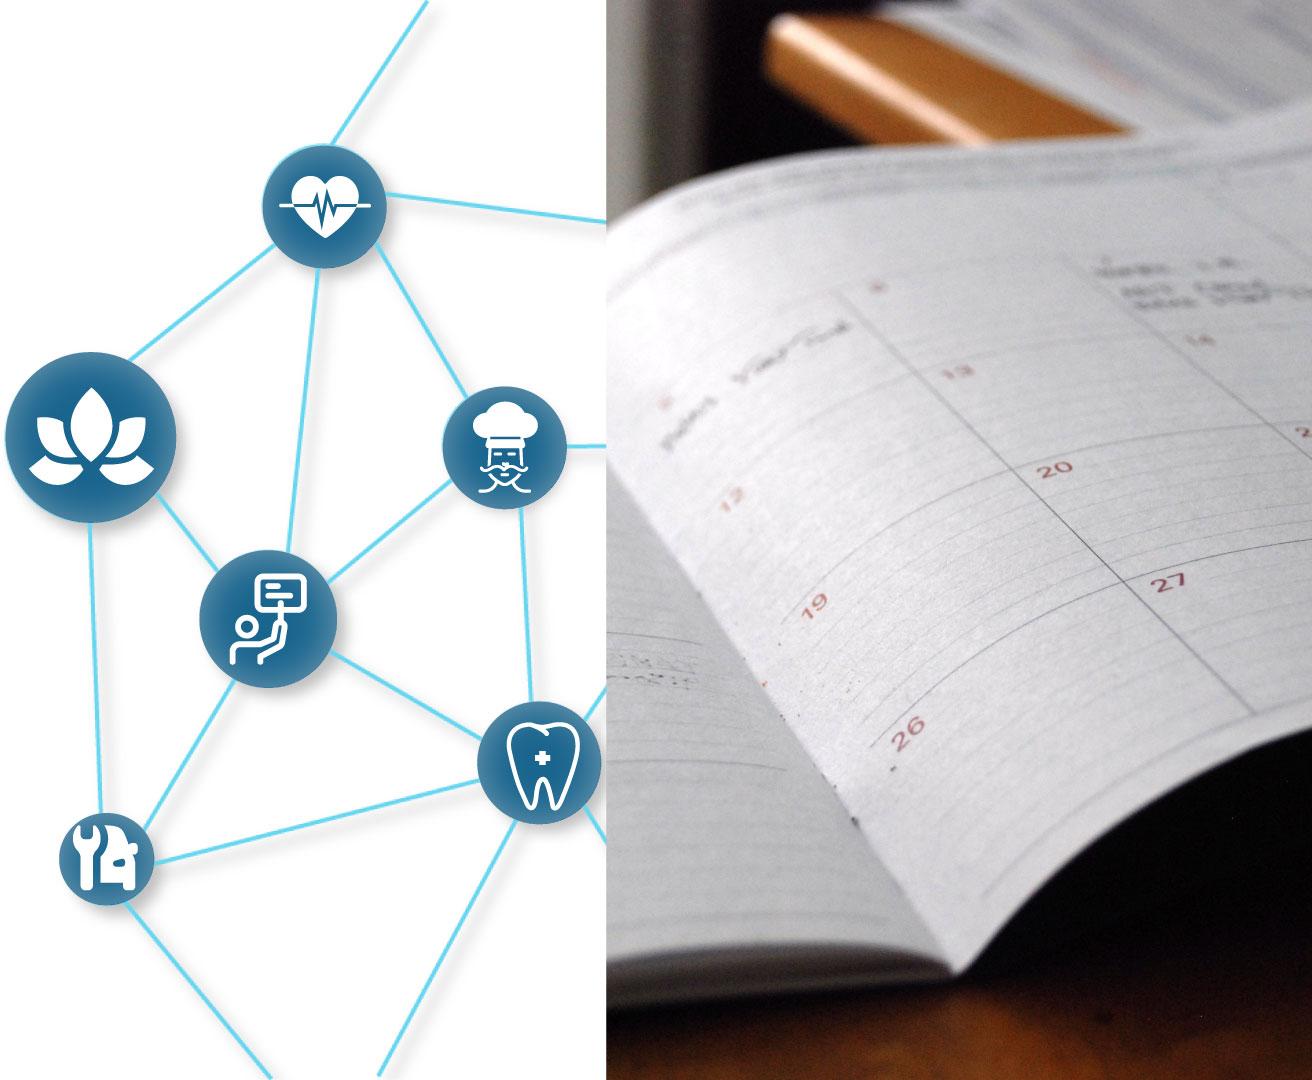 Titelbild mit Branchenverknüpfungen auf der linken Seite und einem offenen Terminbuch auf der rechten Seite, steht für online Terminbuchungen vs. herkömmliche Buchungen